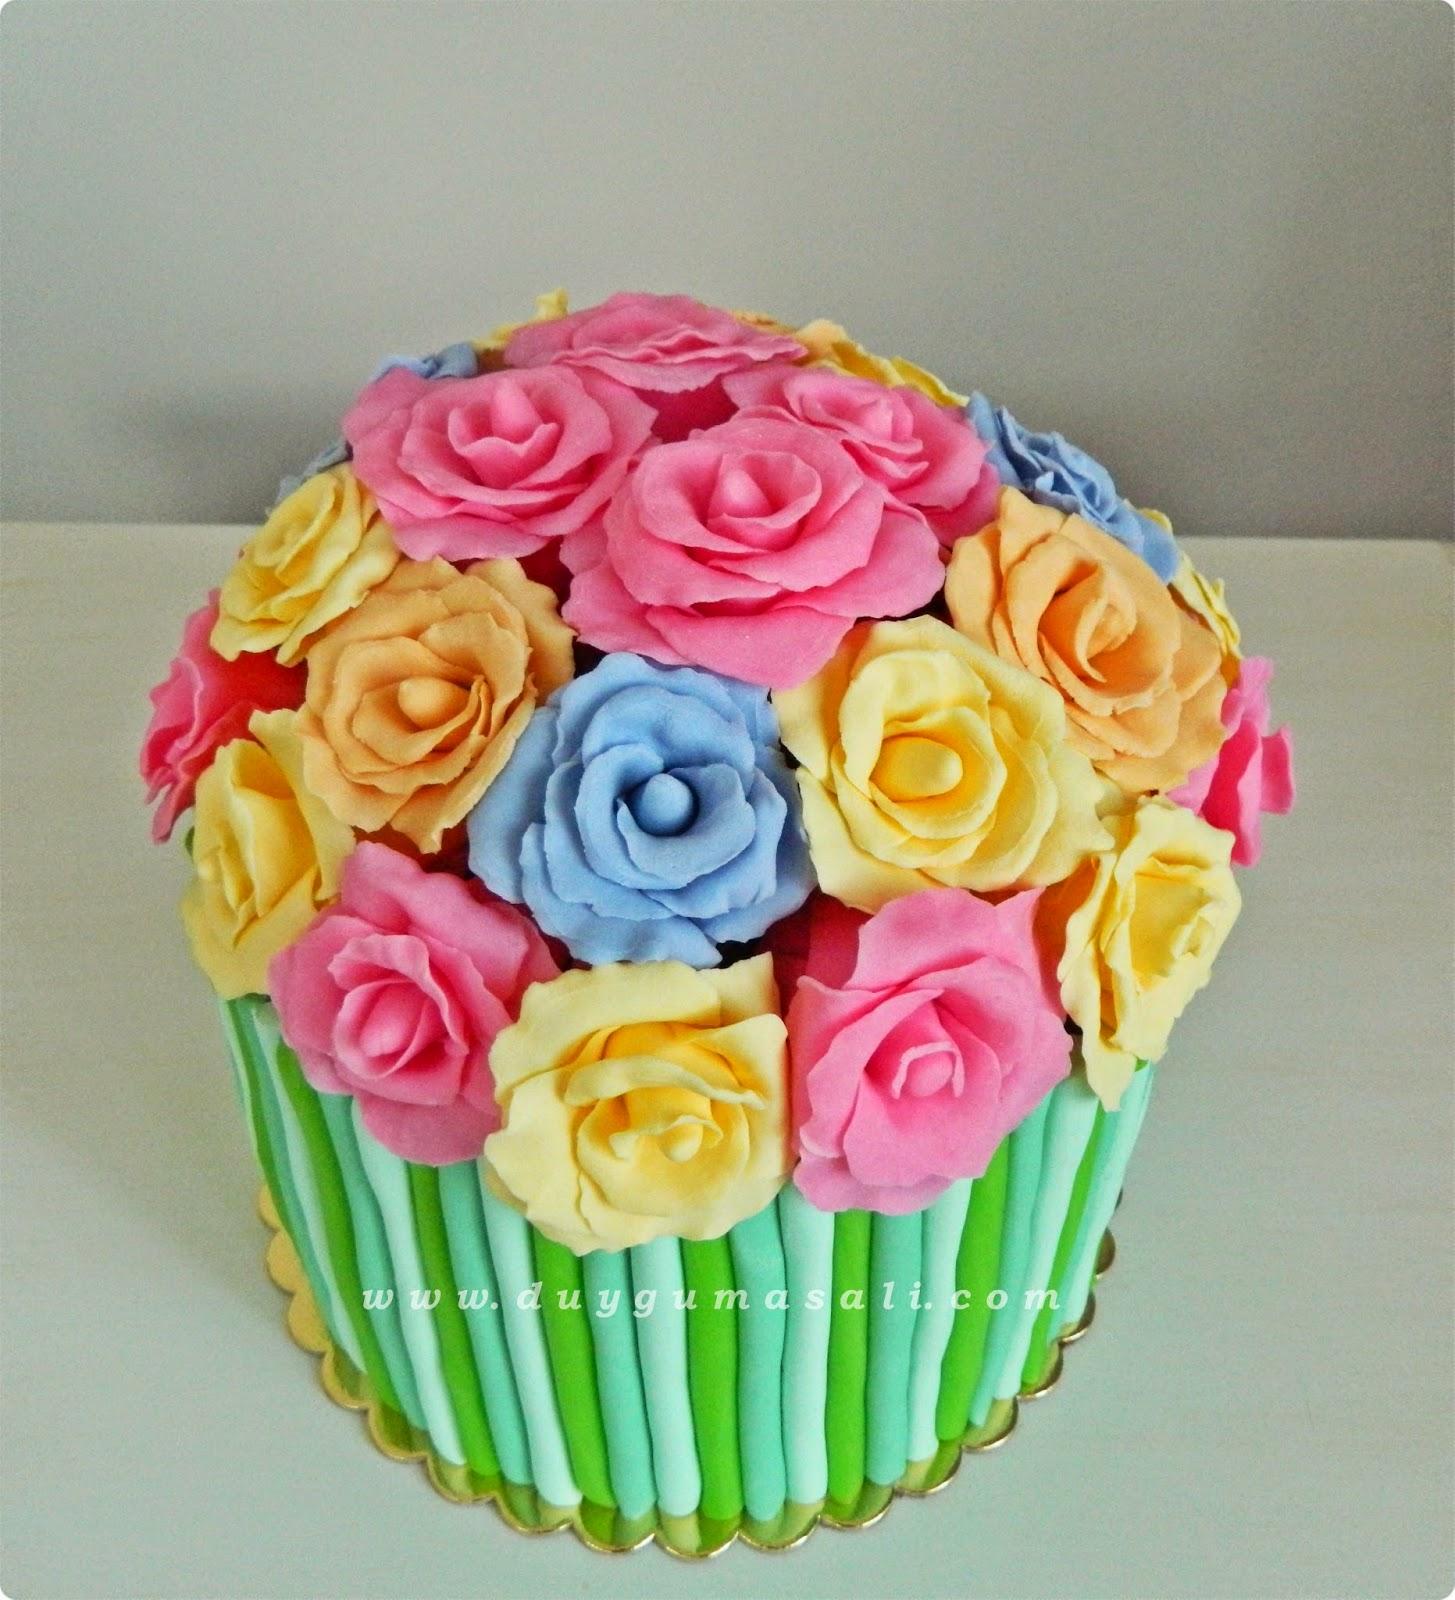 edirne çiçek buketi butik pasta